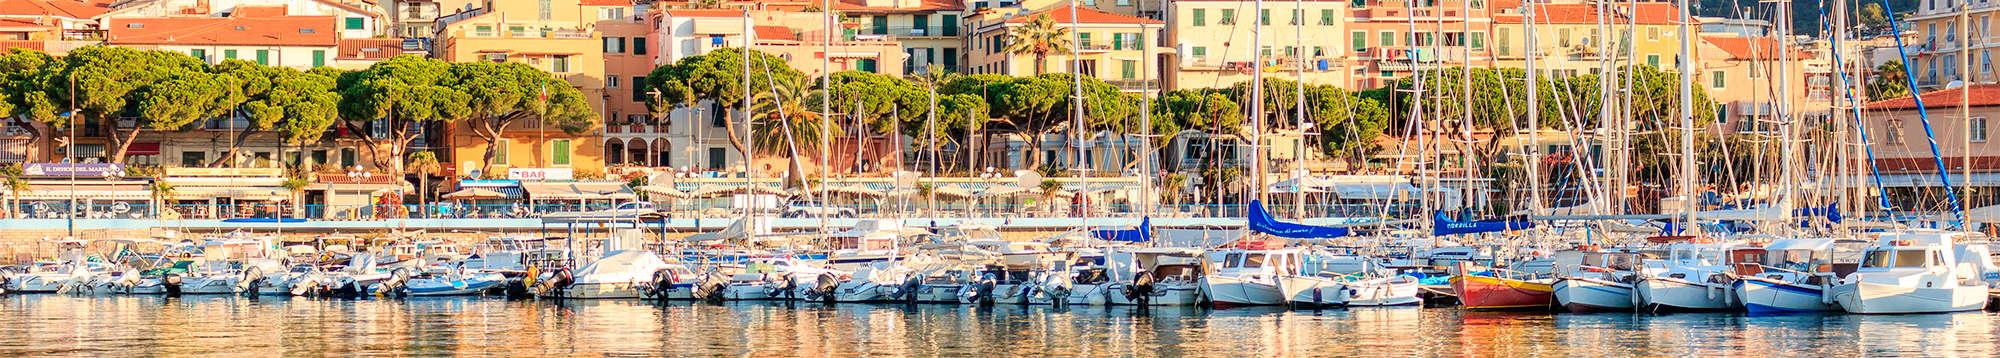 Week end e soggiorni nella Riviera dei Fiori